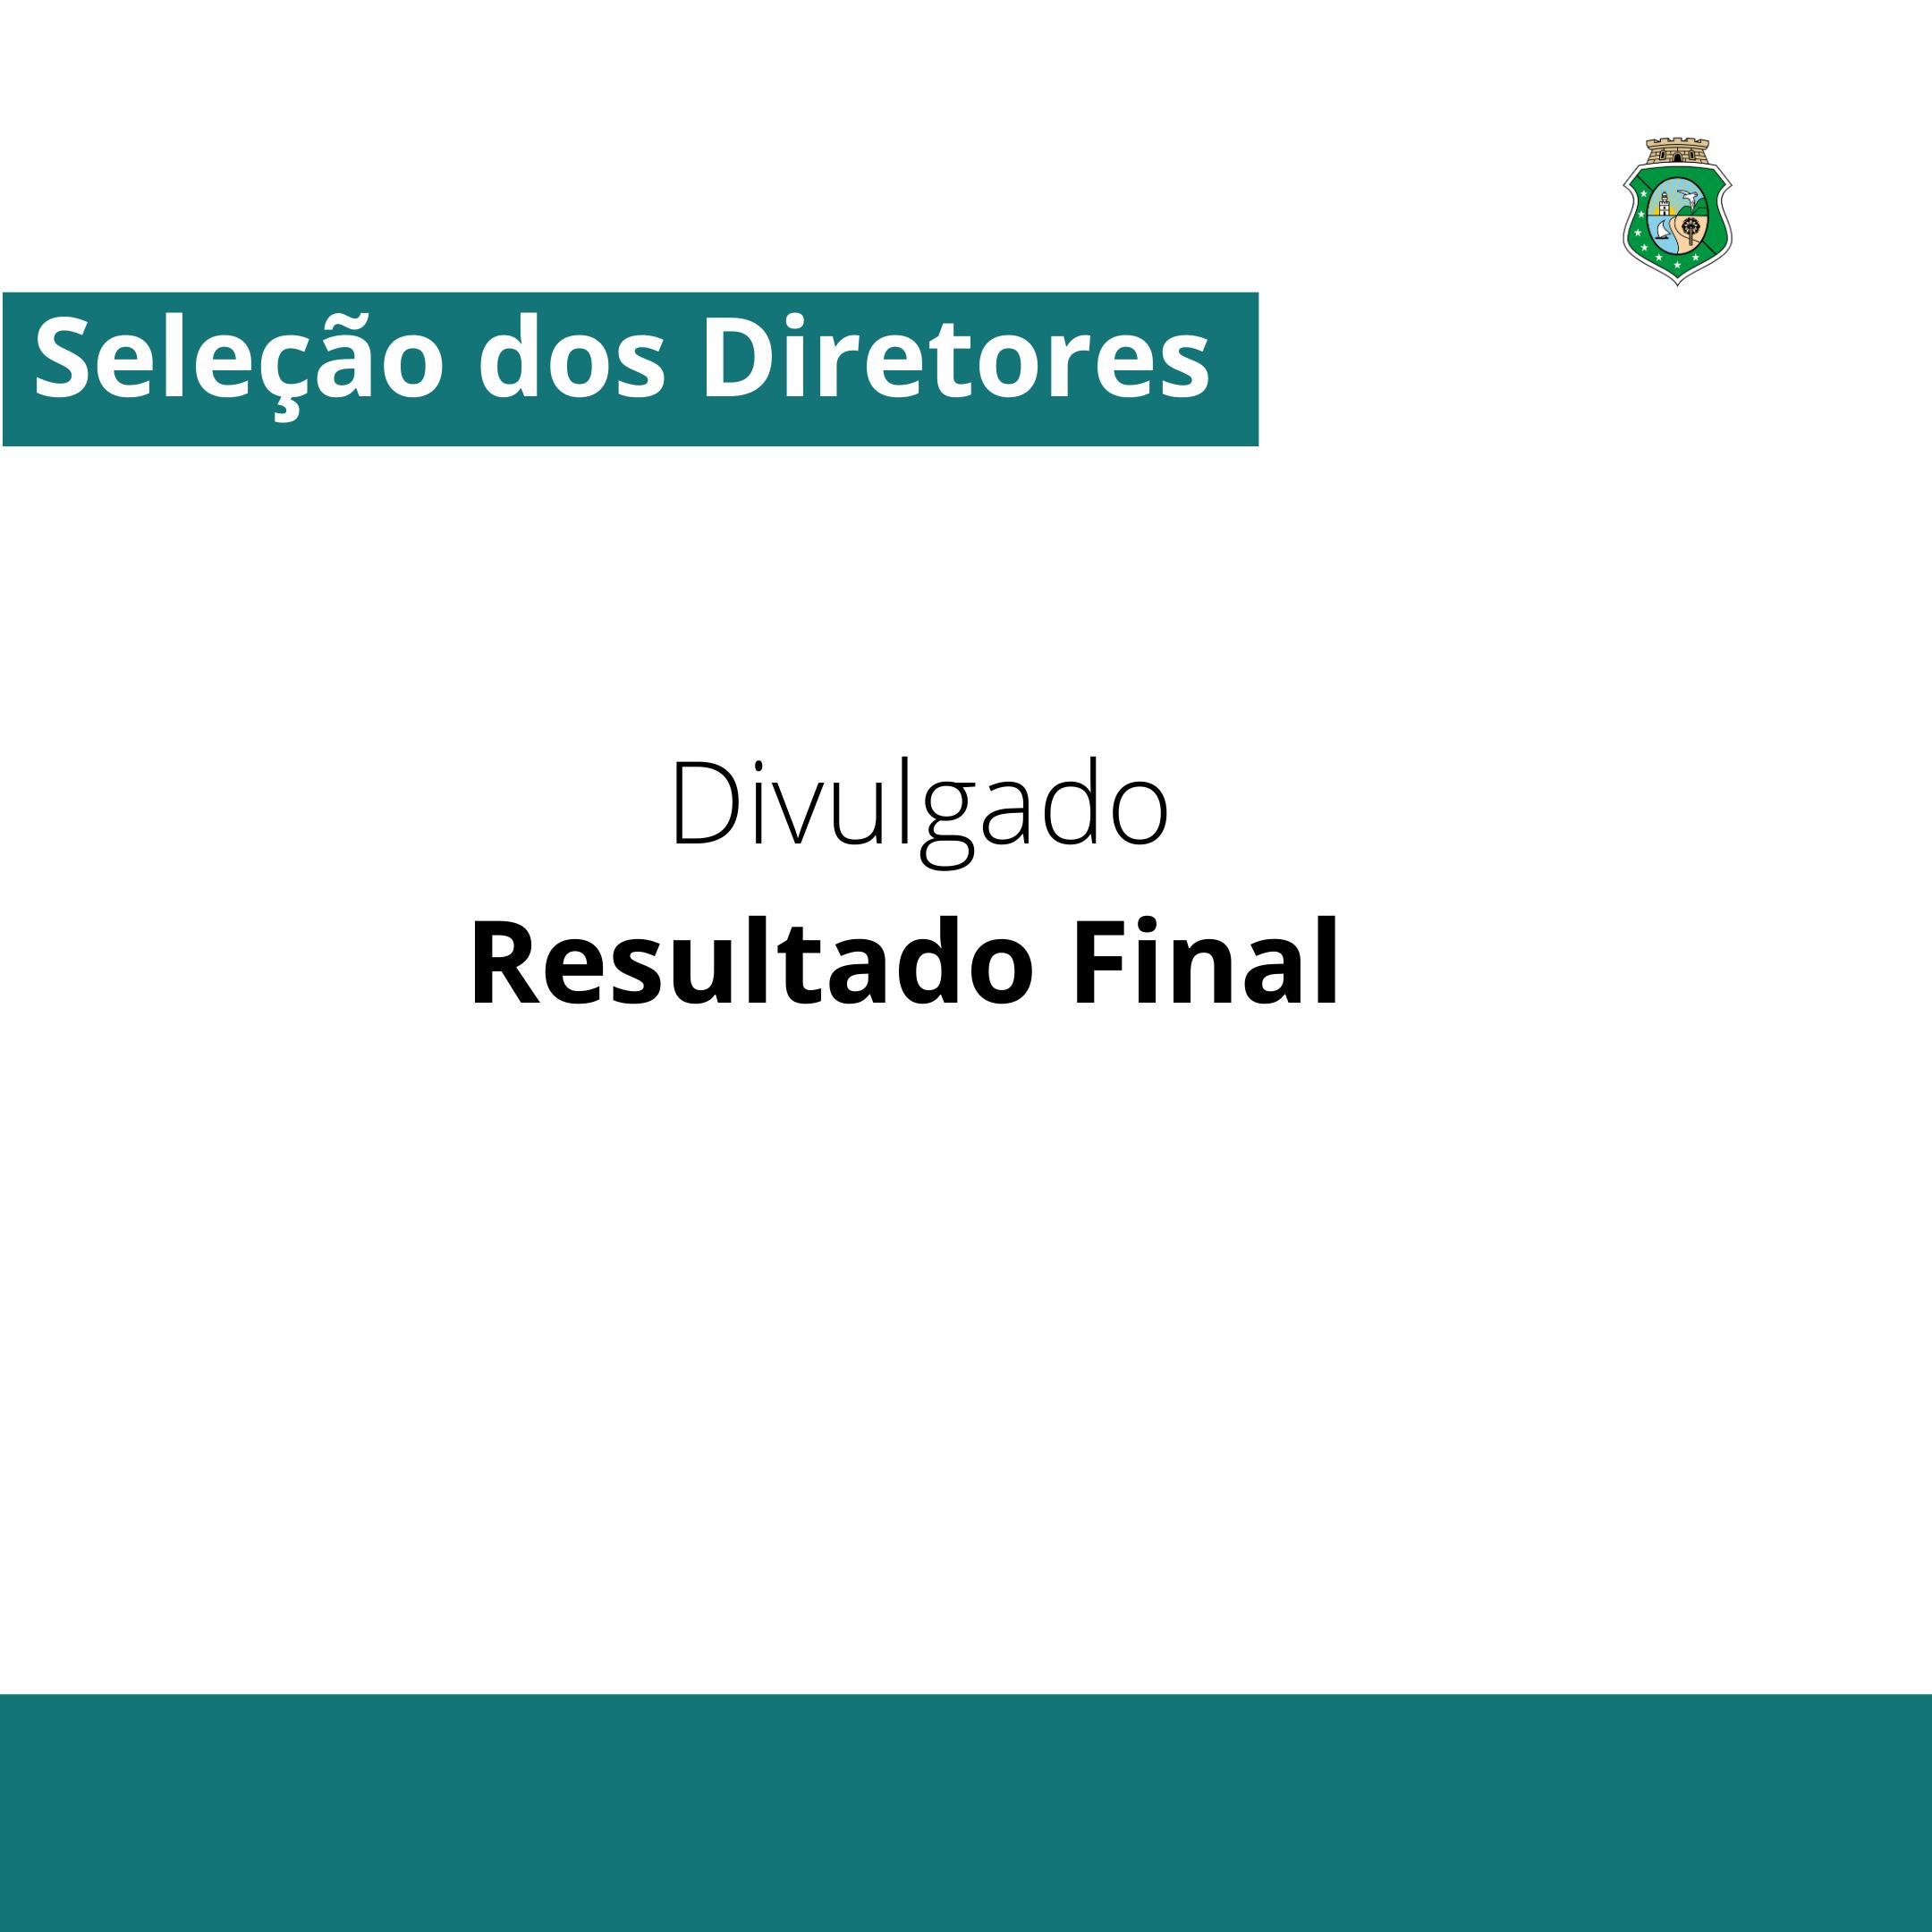 Seas divulga resultado final da seleção para diretores